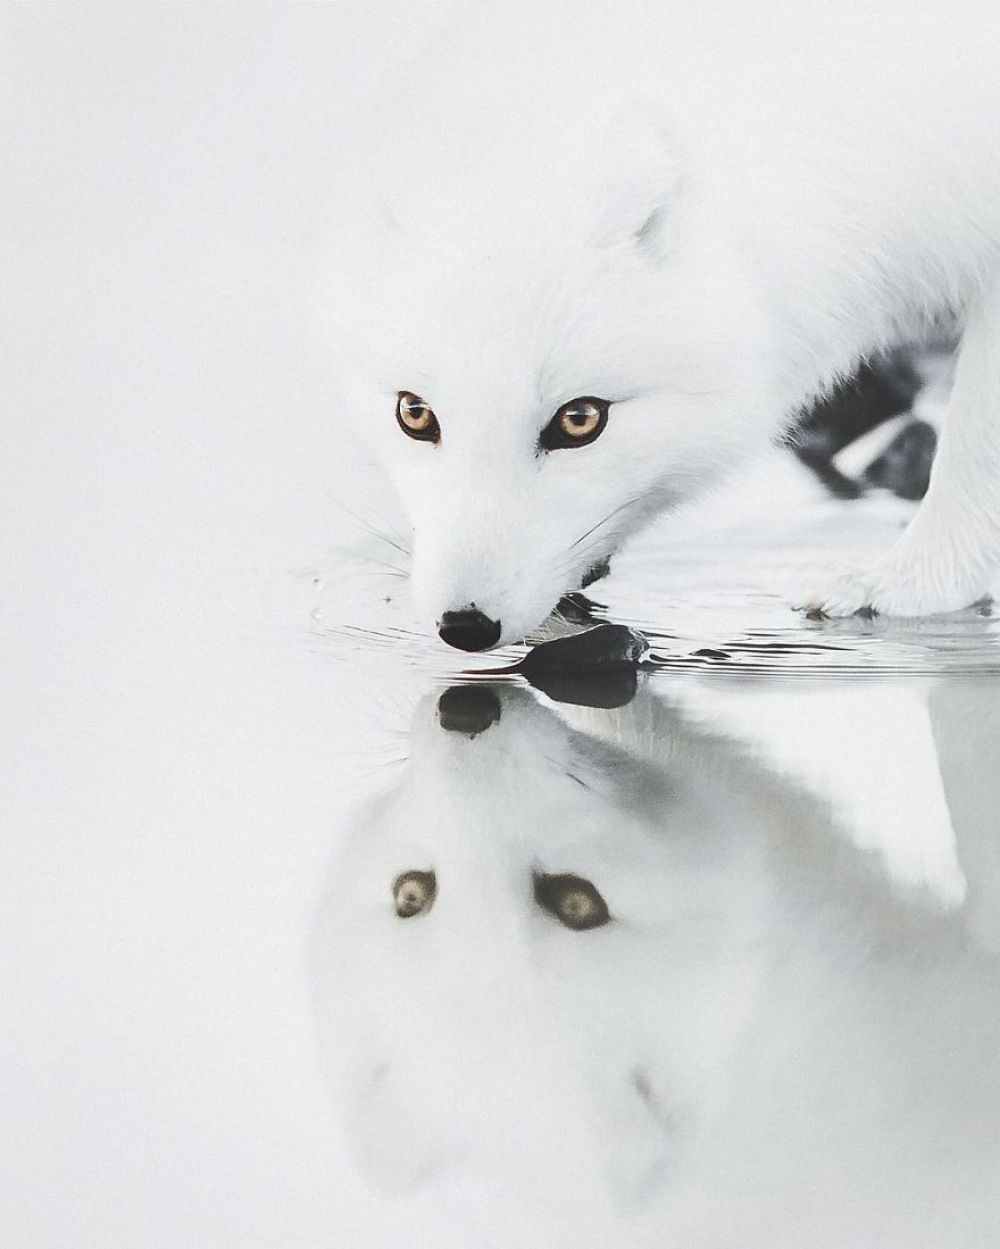 Это же как нужно было выждать момент, чтобы это сфотографировать? Посмотрите только на эту арктическую лису!